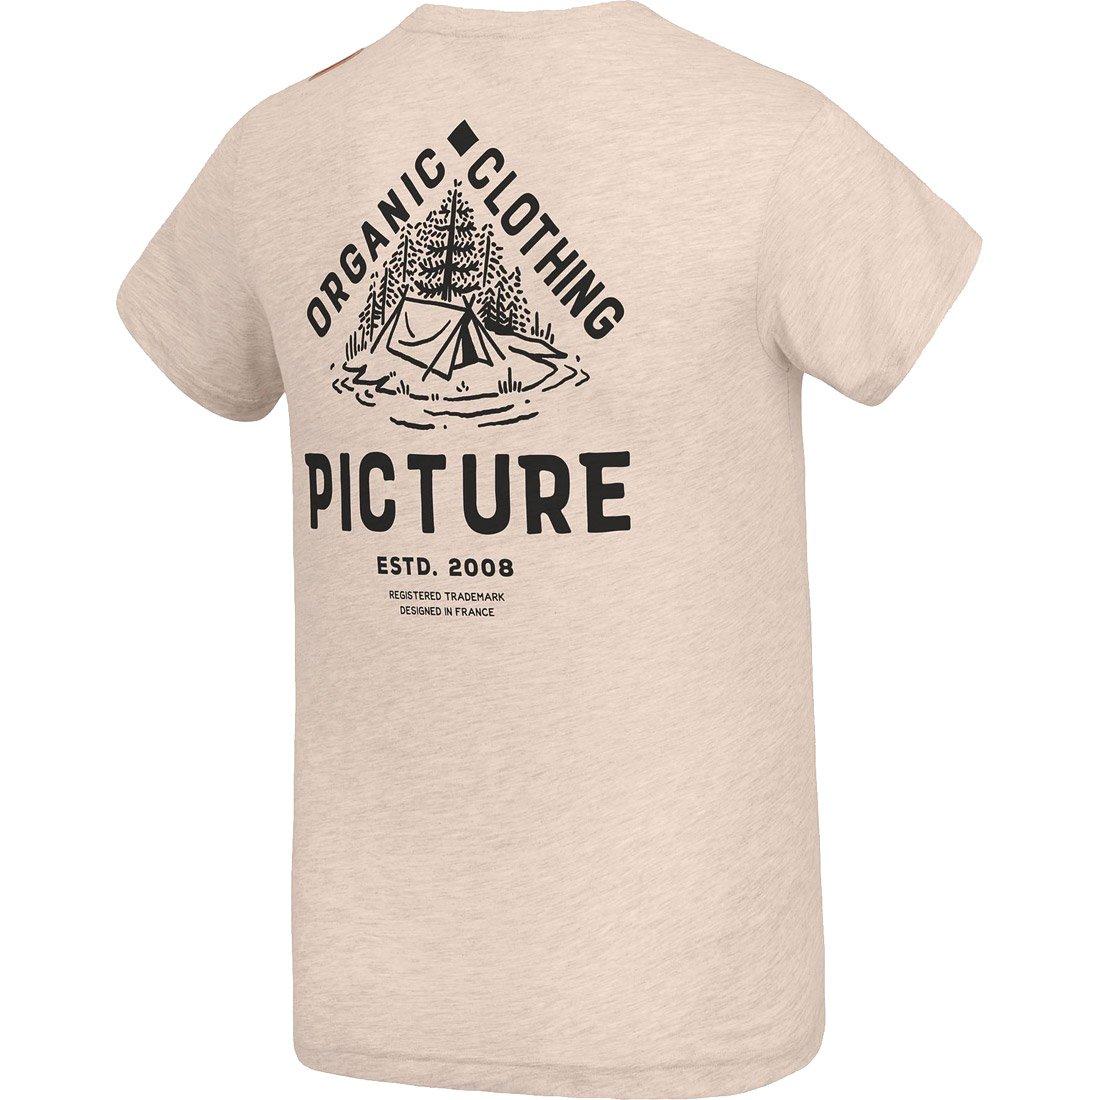 חולצה קצרה לגברים - Carson Tee - Picture Organic